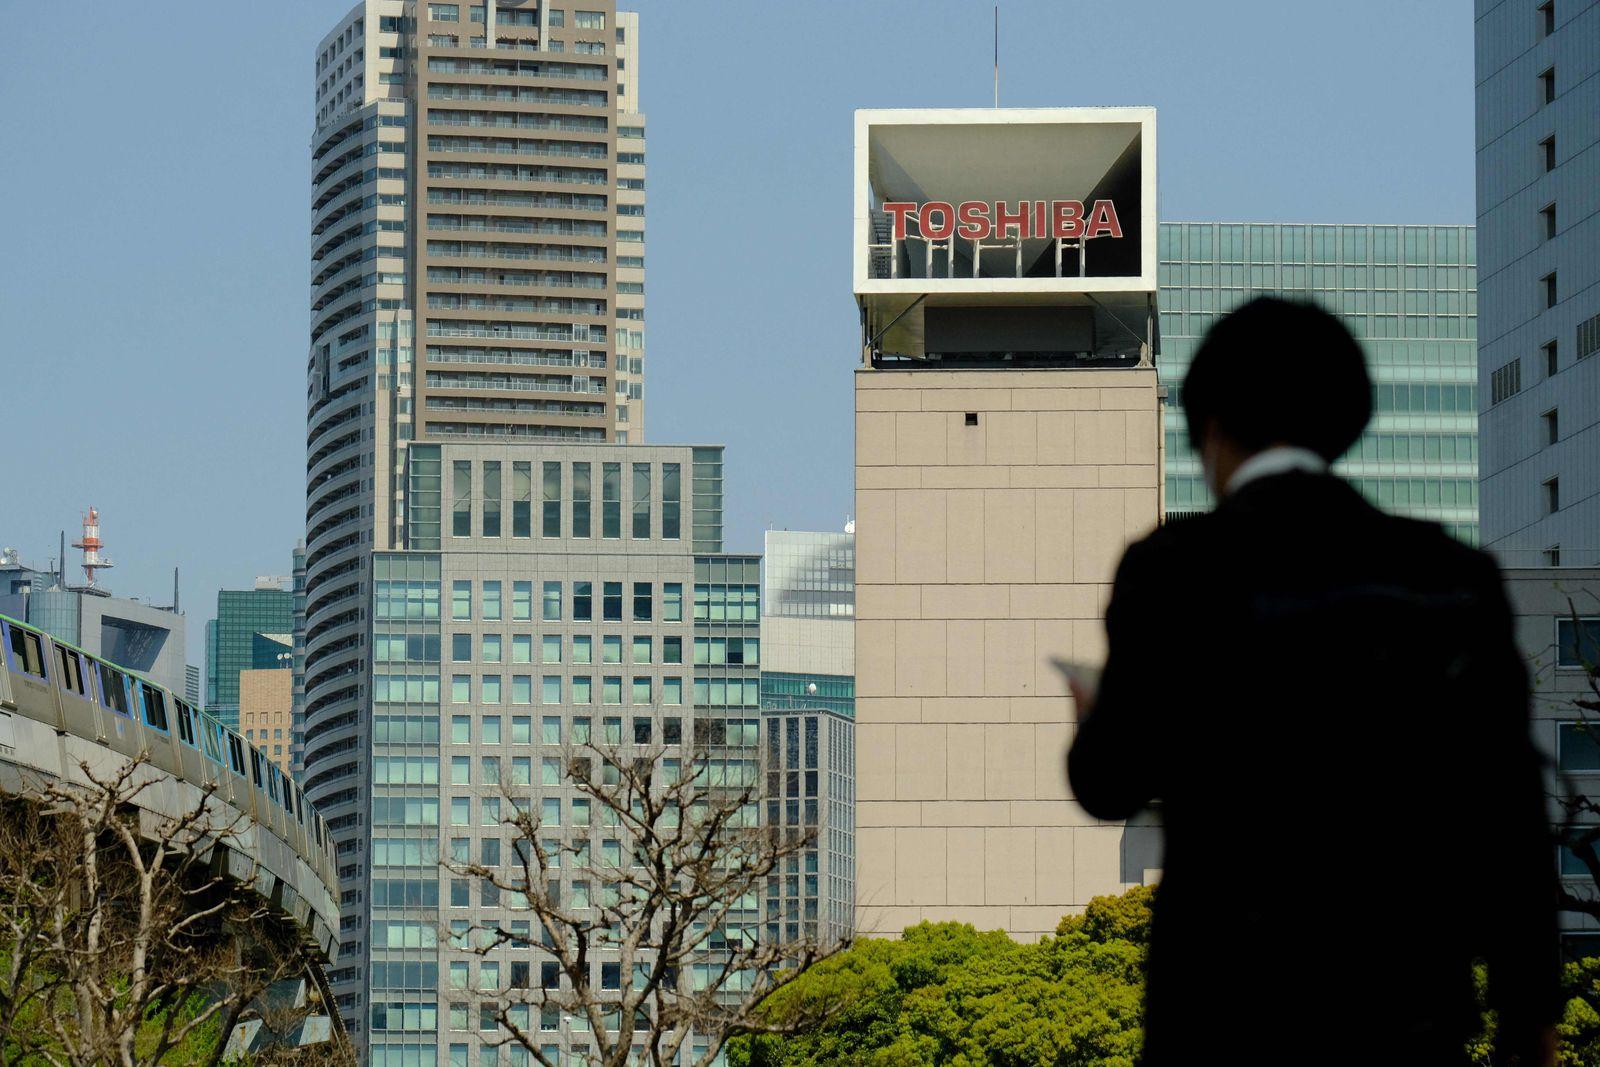 JAPAN-BRITAIN-COMPANY-ECONOMY-TOSHIBA-MERGER